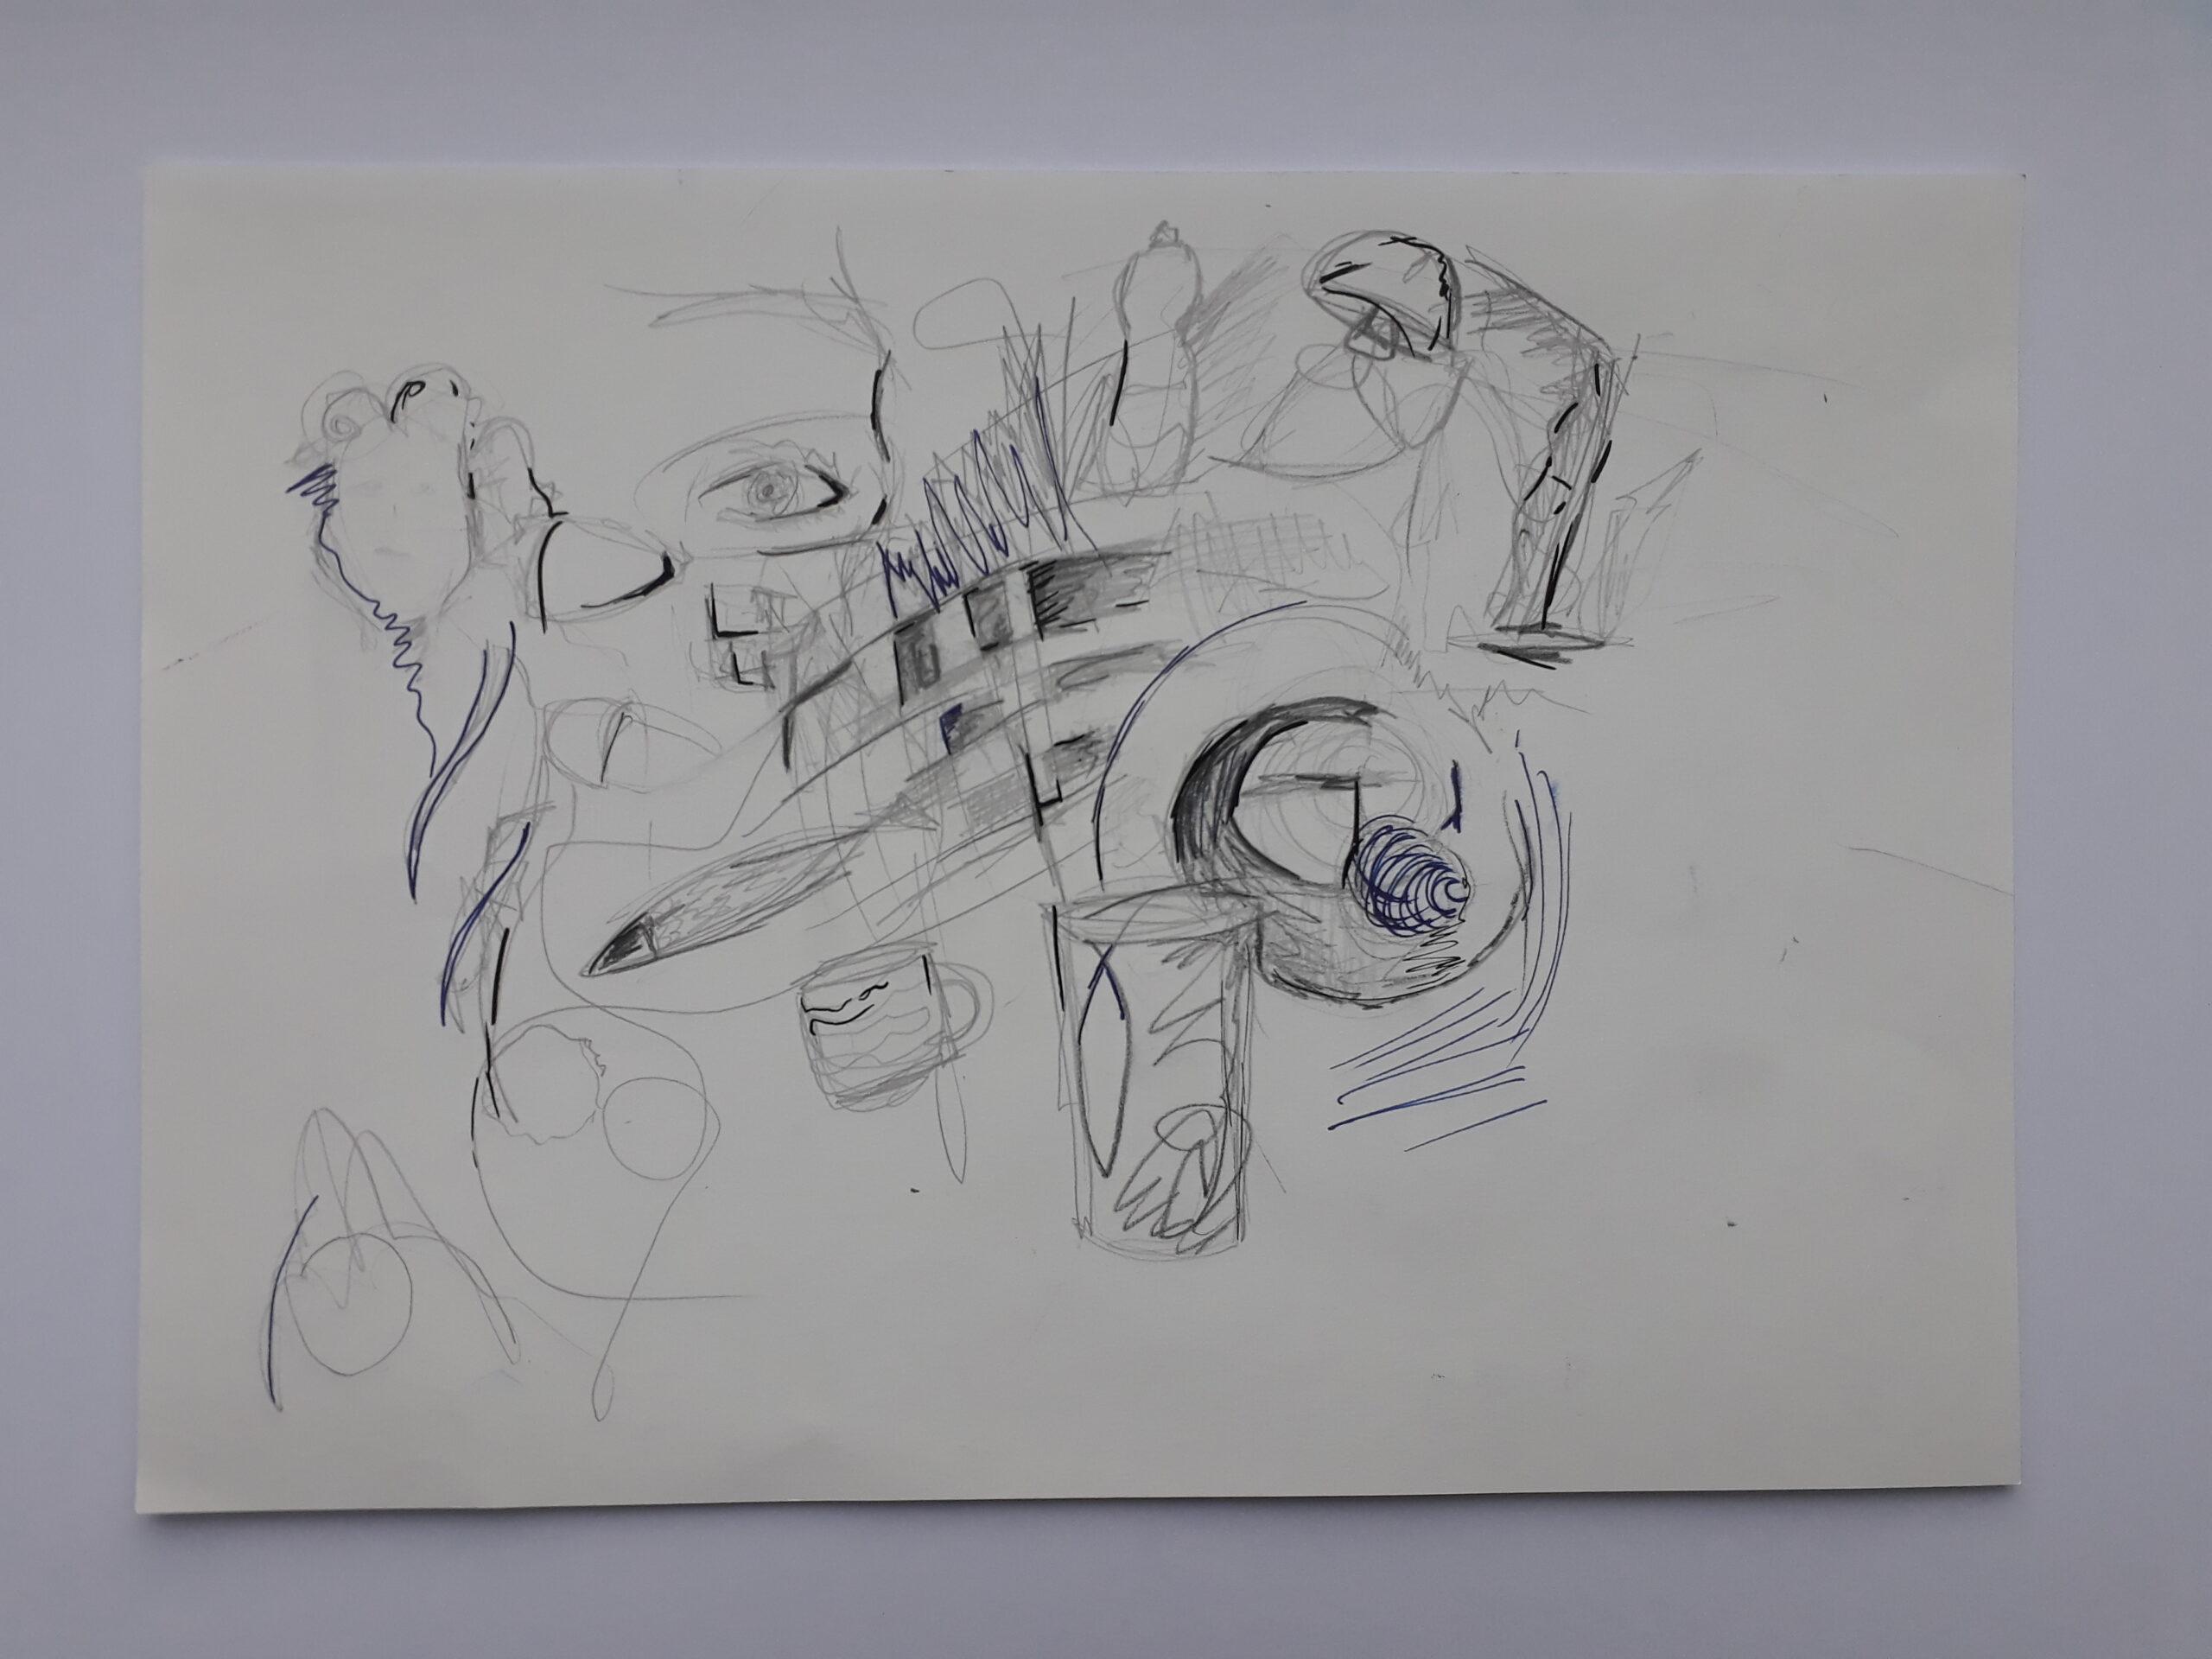 (Ohne Titel), 2020, Bleistift und Fineliner auf Papier, 30x21cm